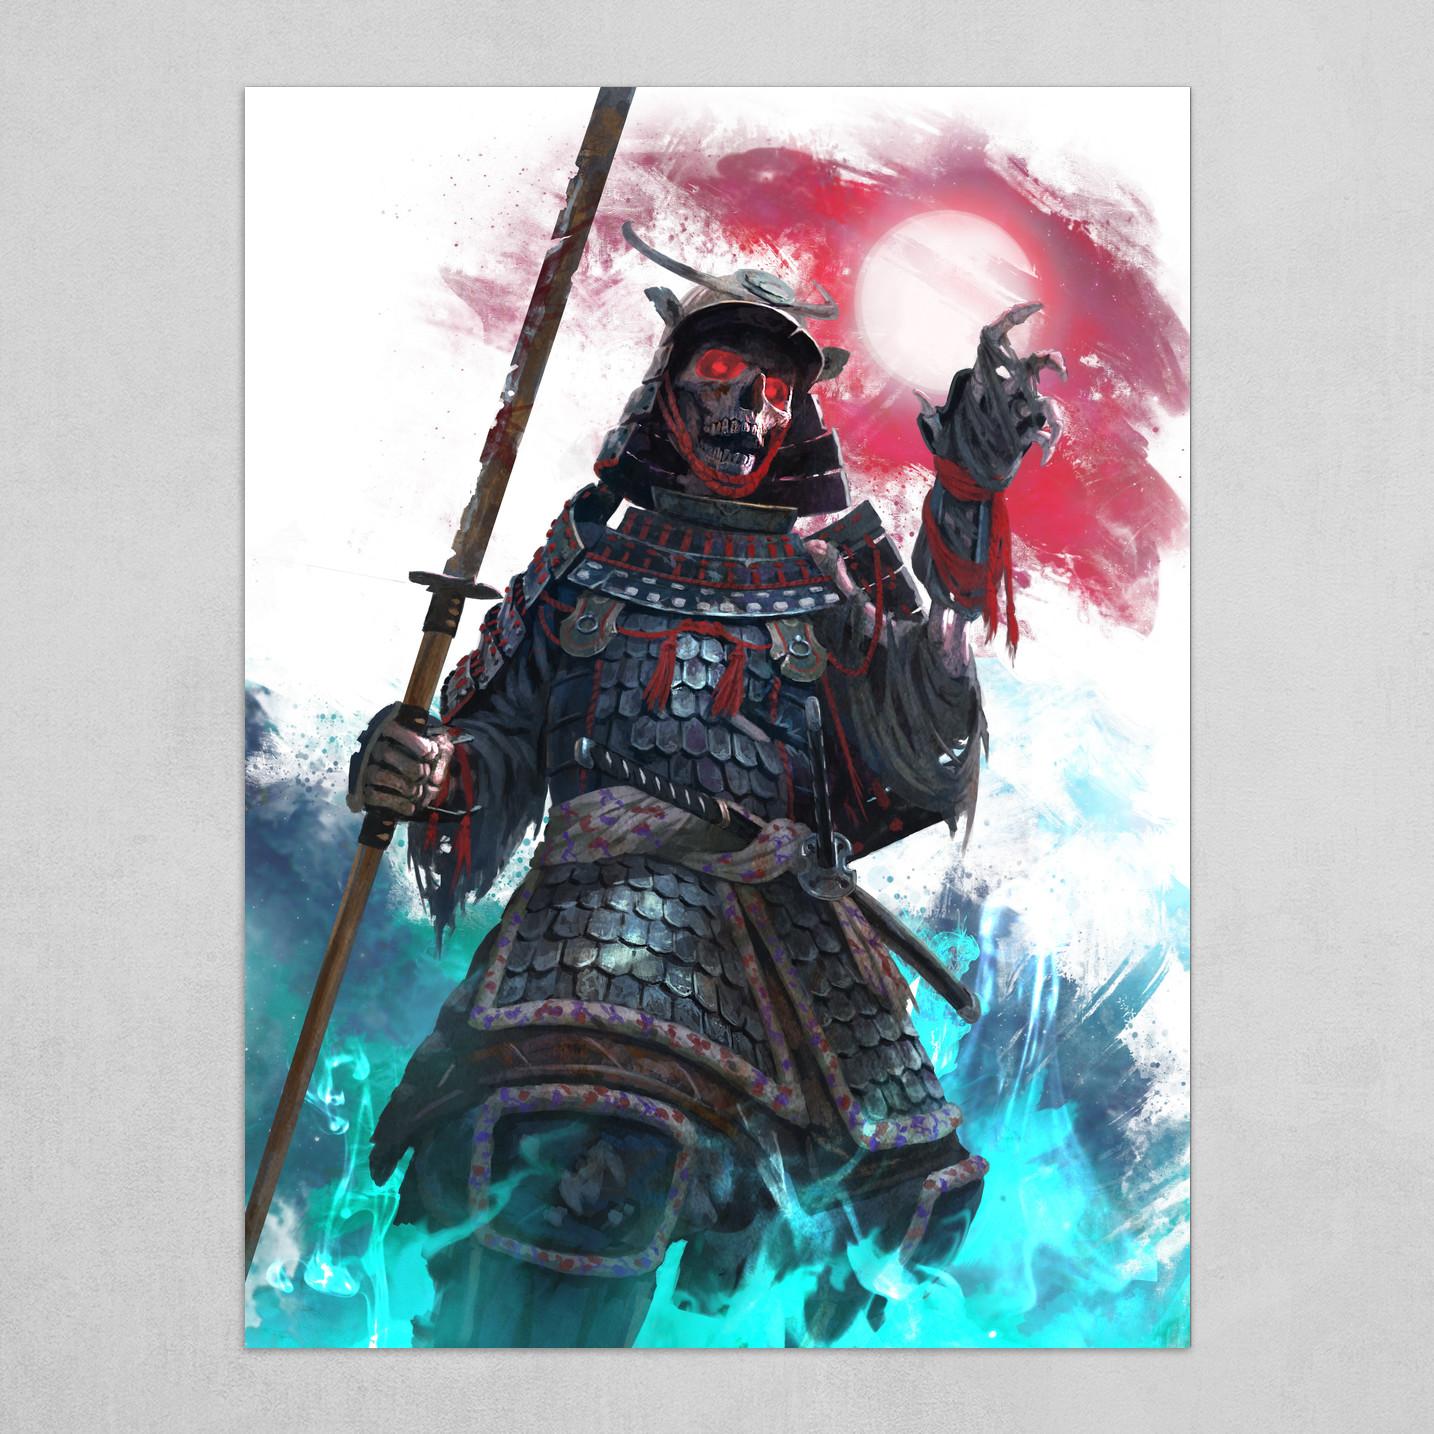 Undead Samurai BG